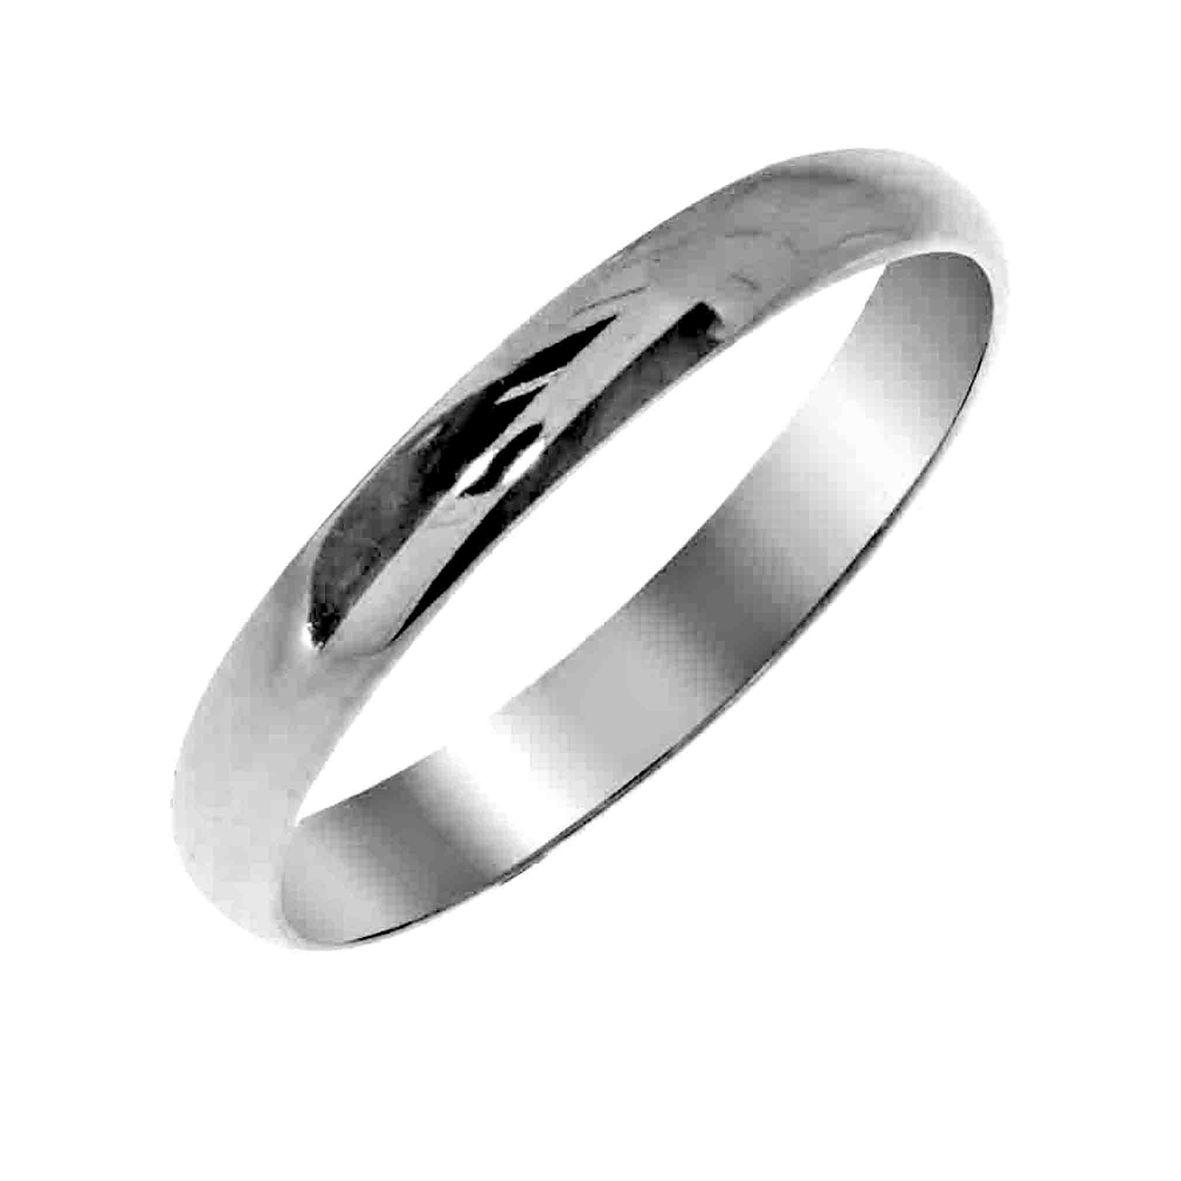 Обручальное кольцо из серебра арт. 3407008051 3407008051